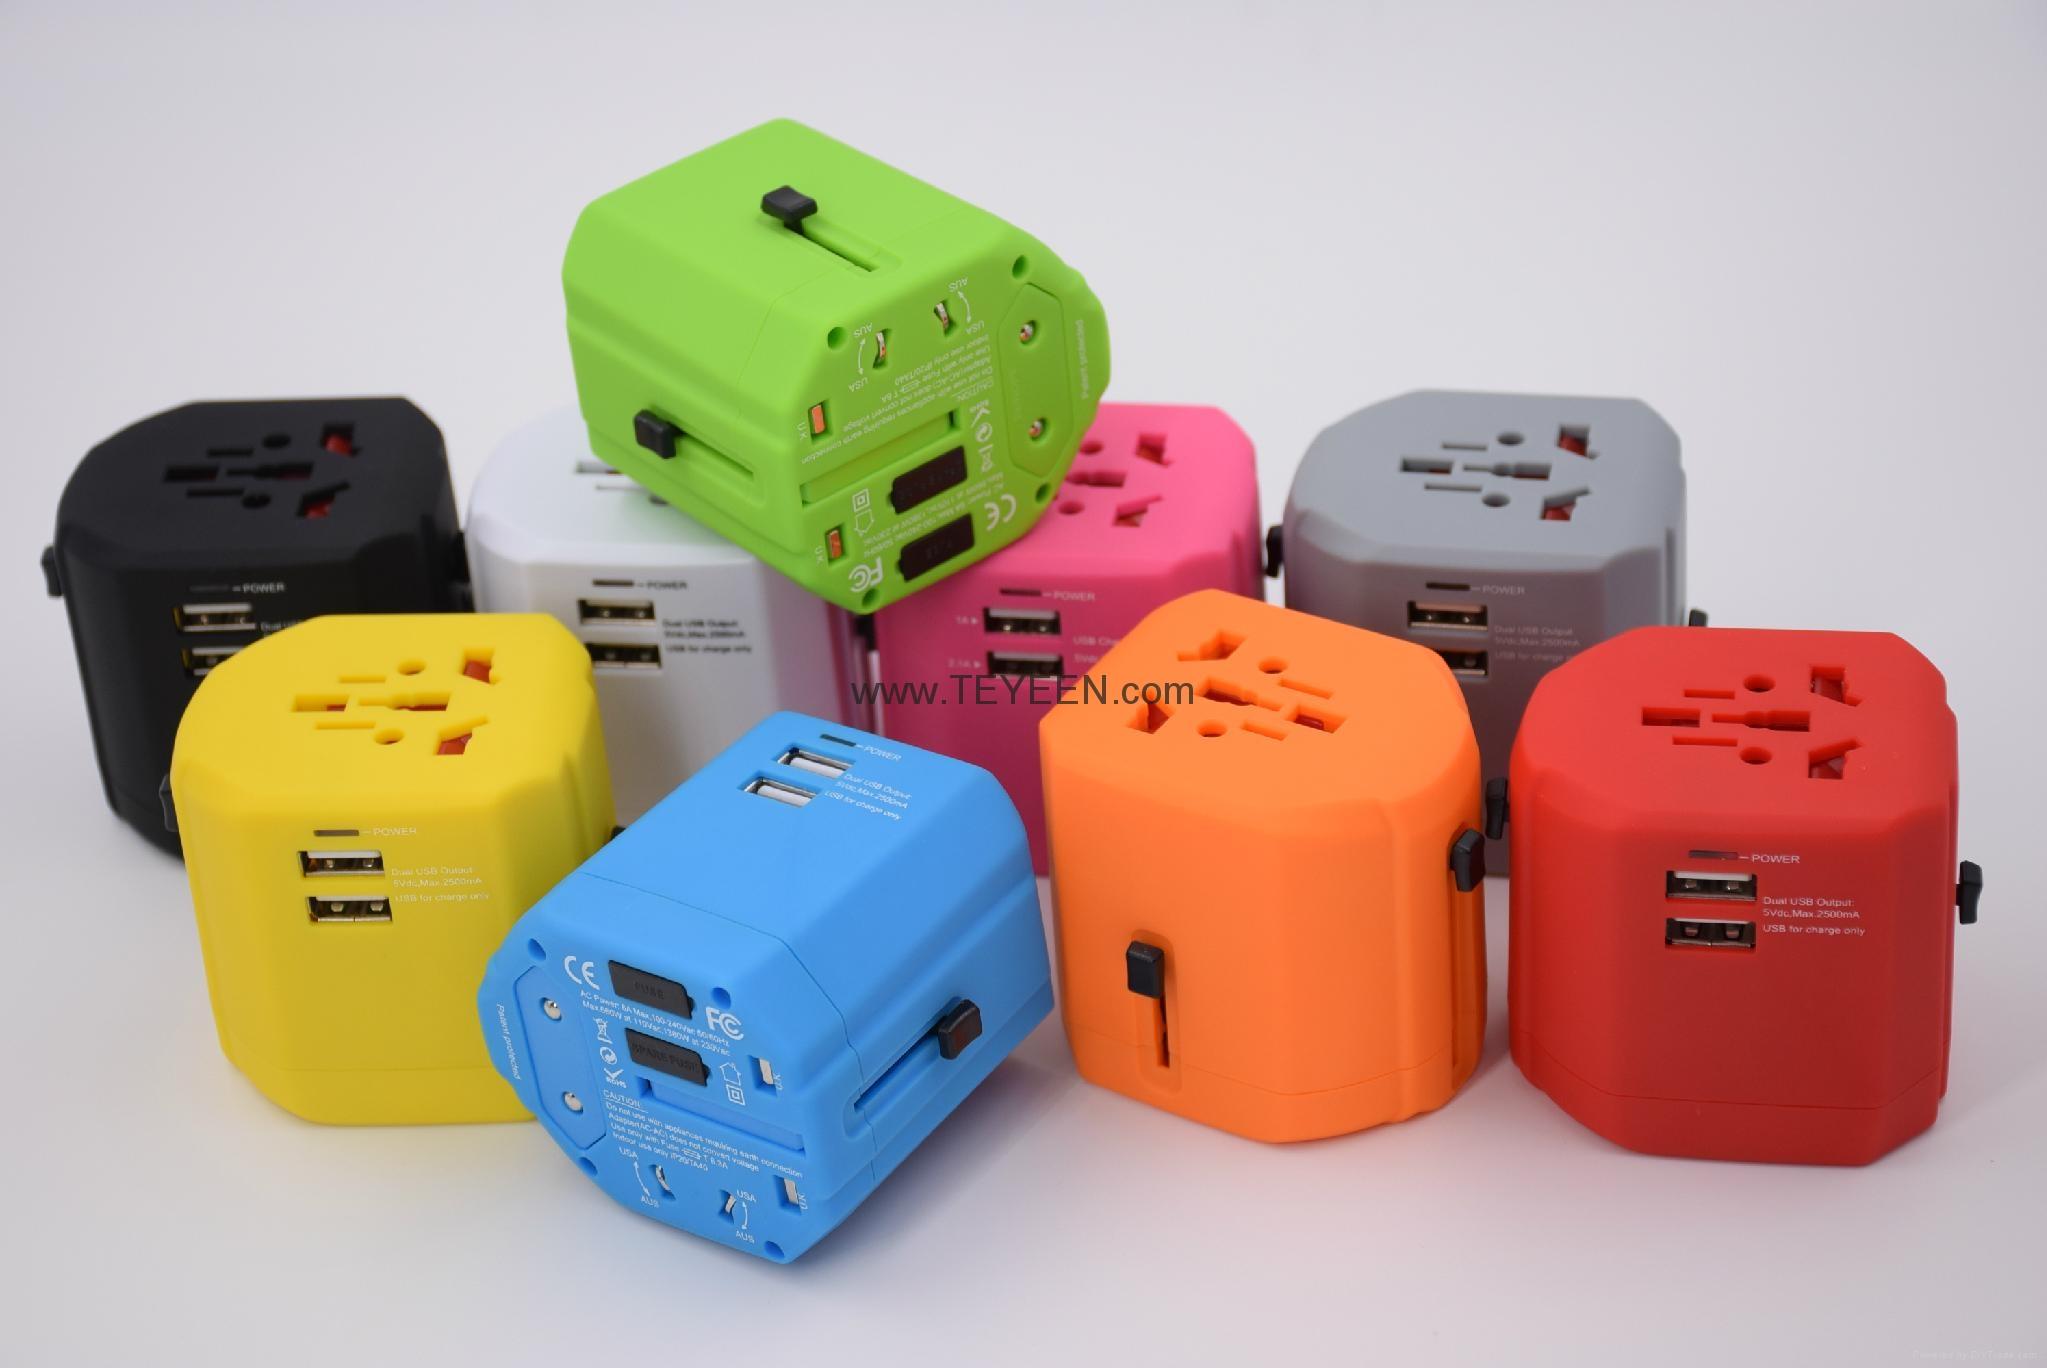 经典款双USB多功能插头  DY-019 18